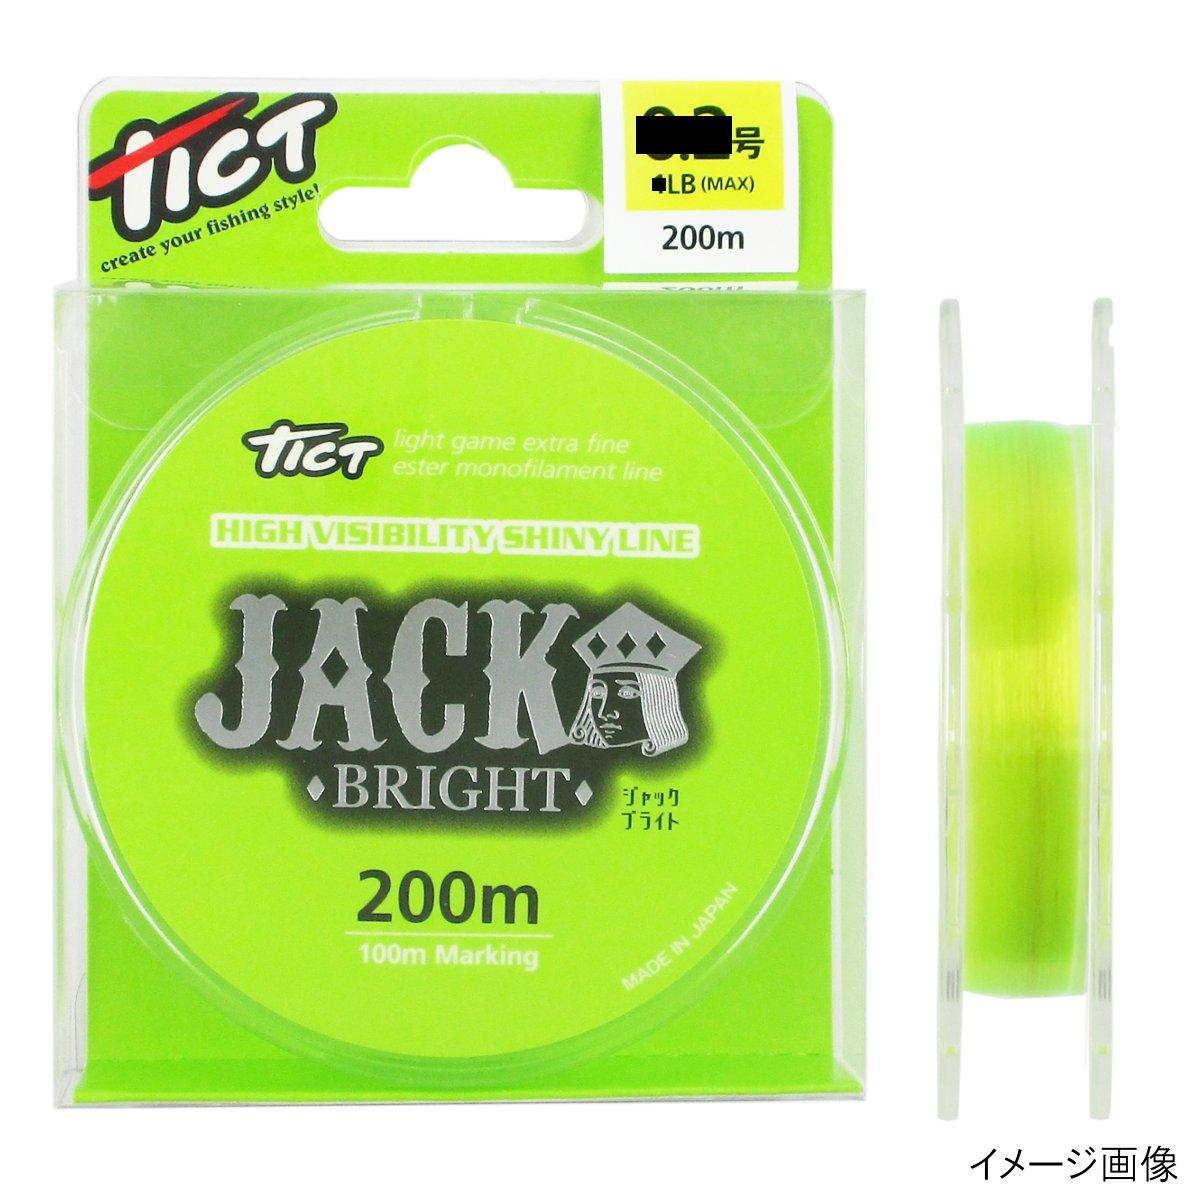 林釣漁具製作所 TICT JACK BRIGHT 200m 0.3号 ブライトライムグリーン【ゆうパケット】